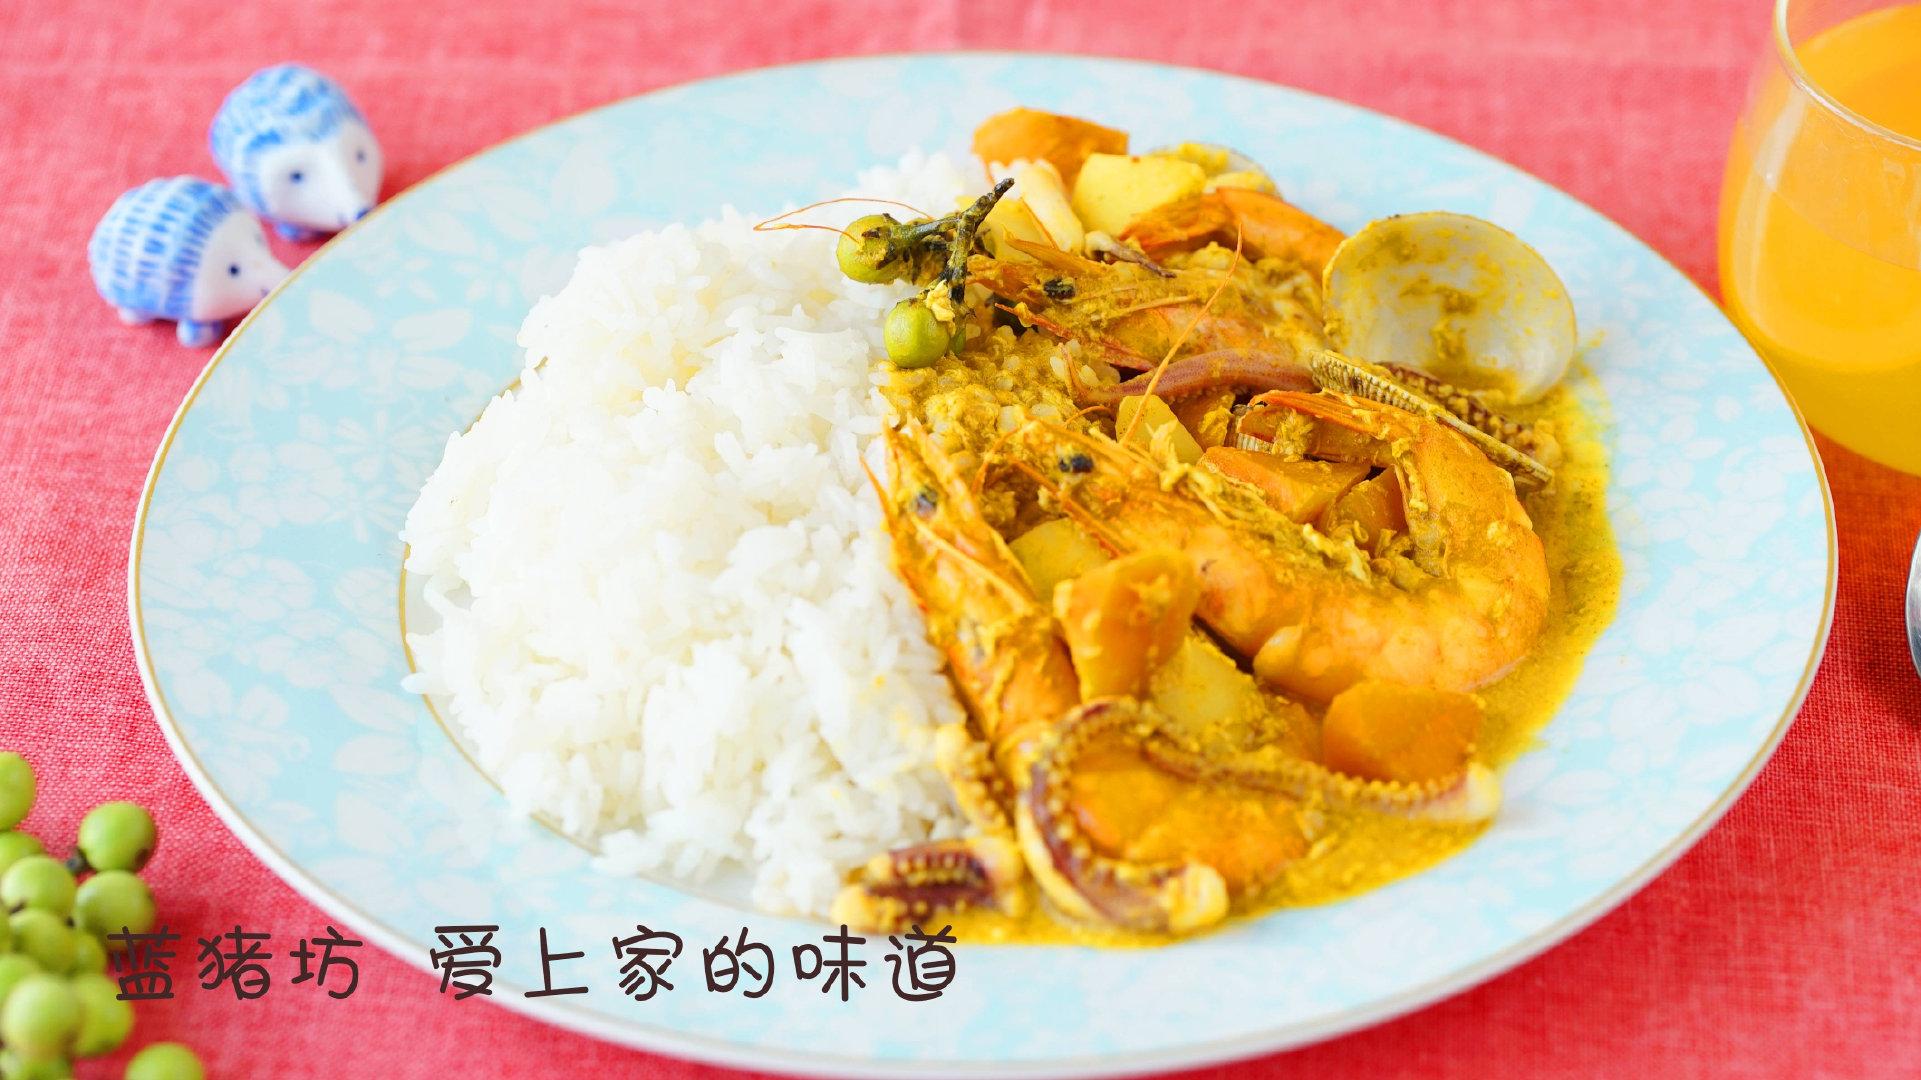 一分钟学会泰式咖喱海鲜饭,五分钟搞定,值得炫耀的单身菜